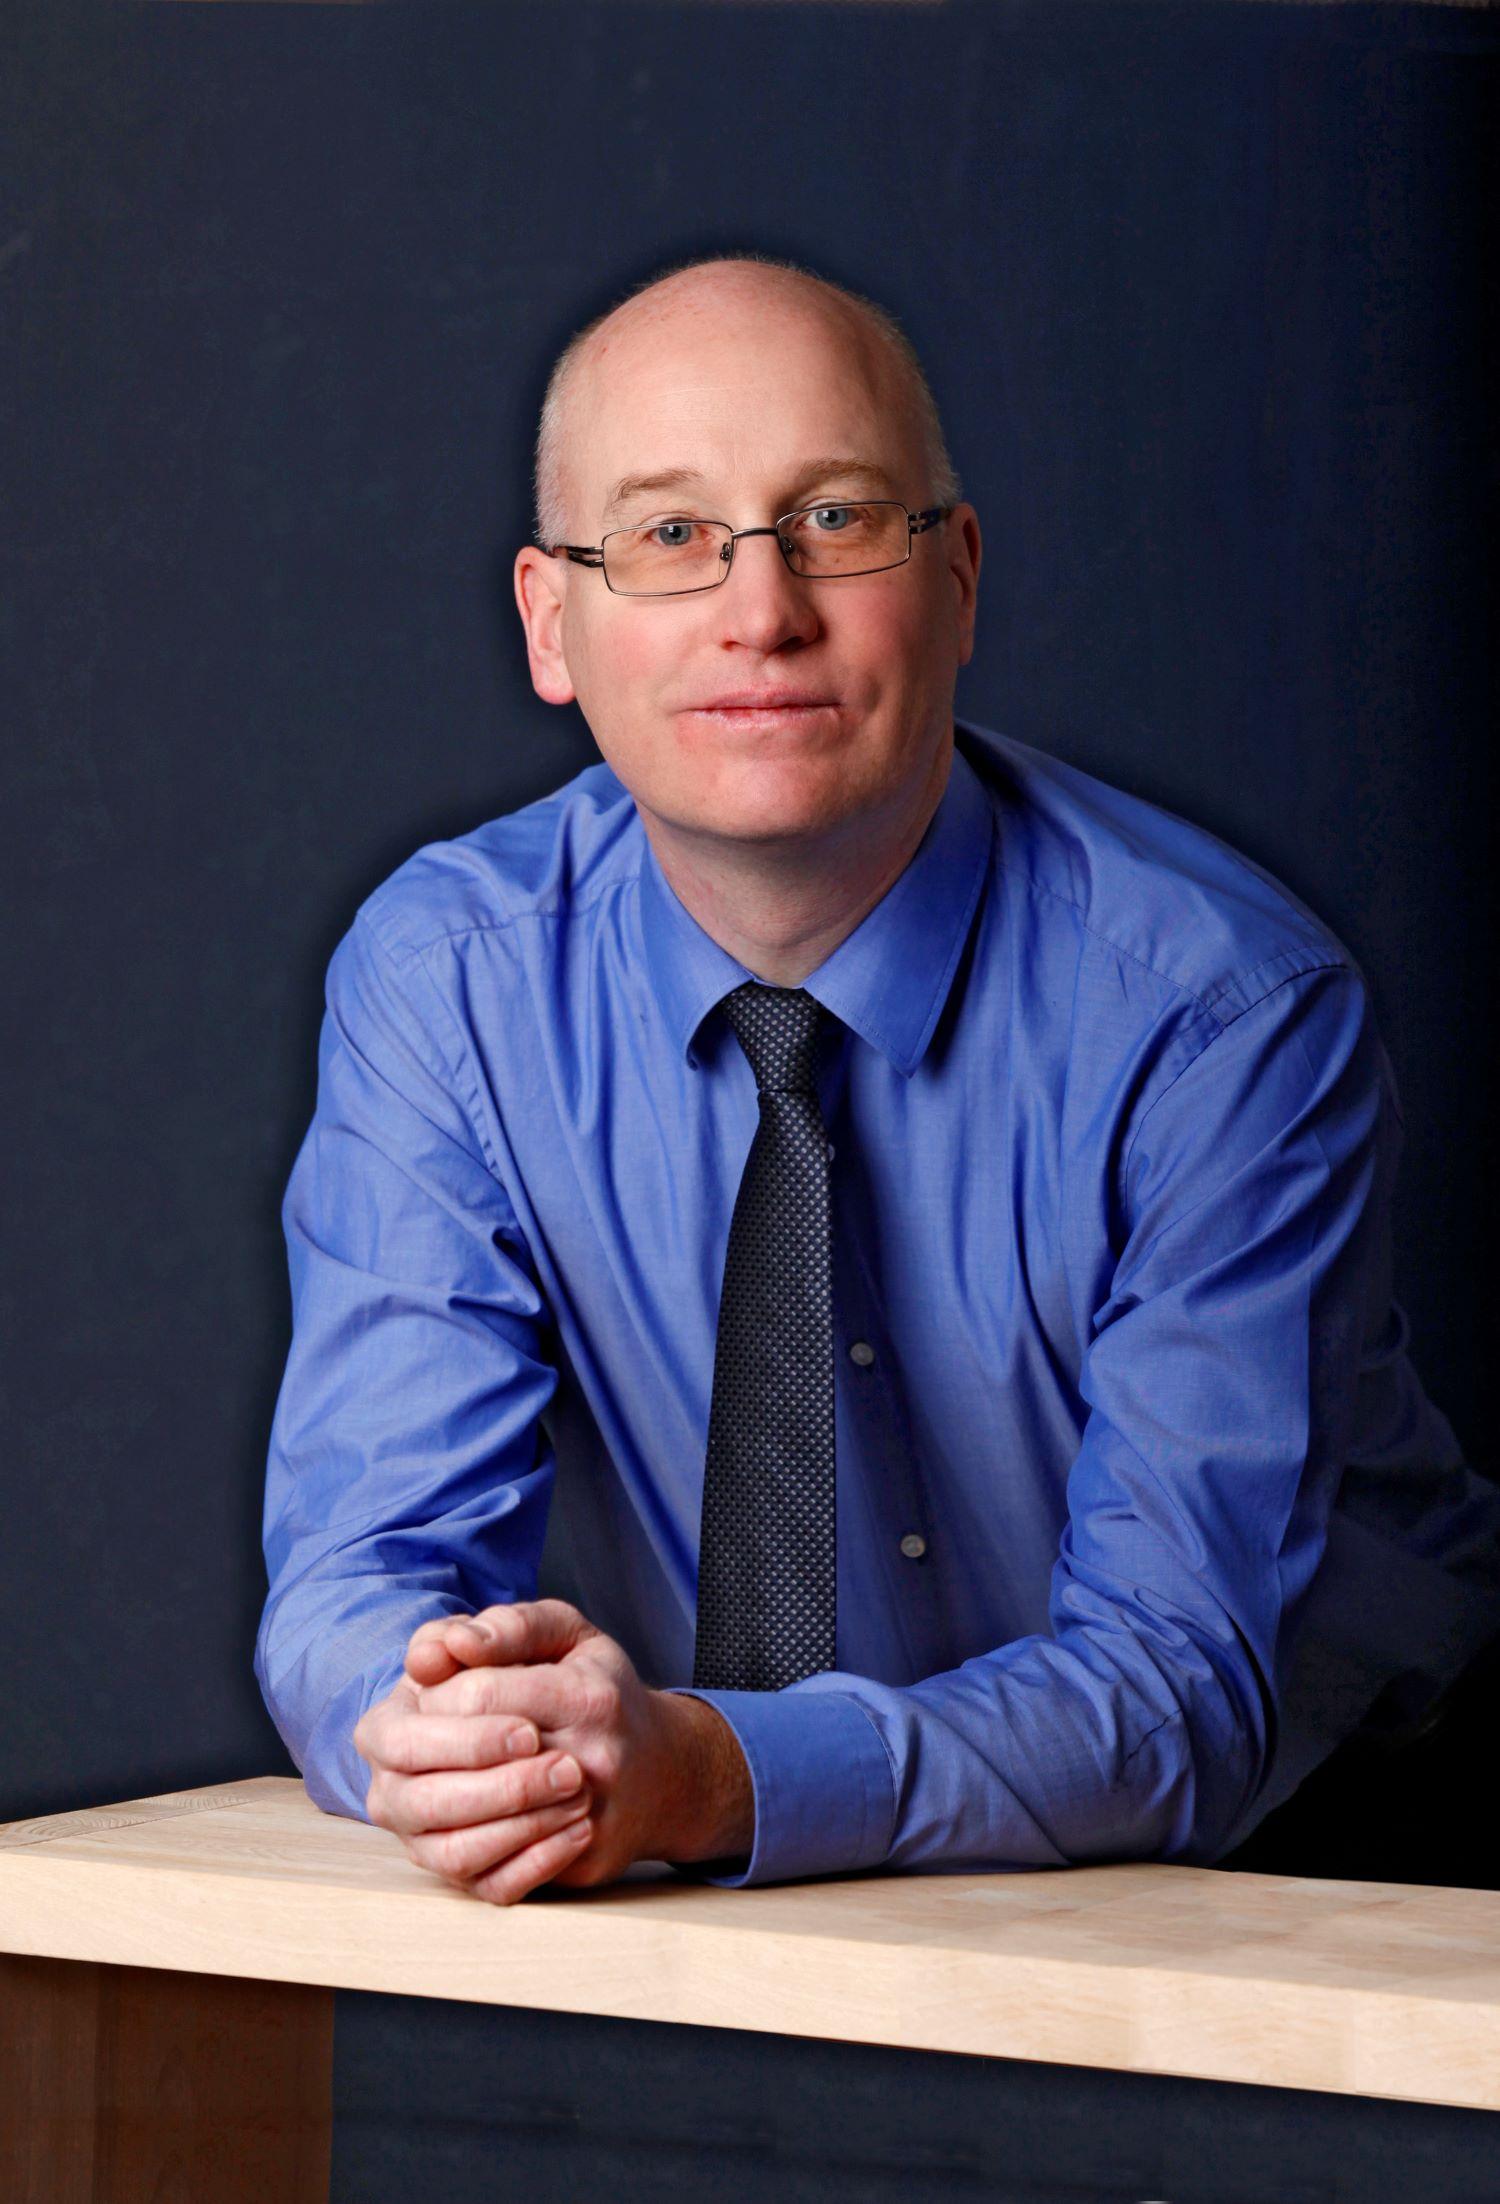 Bilder Rechtsanwalt Michael Steiner